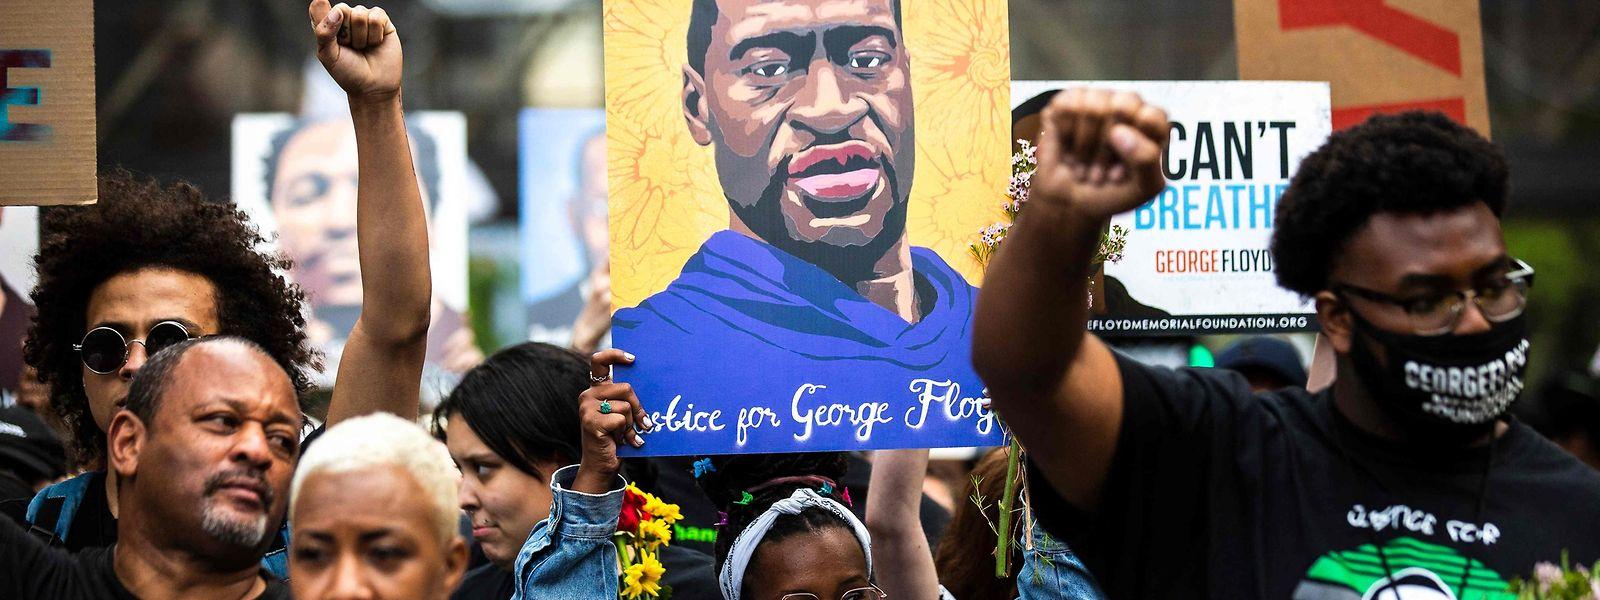 Floyds Tod am 25. Mai 2020 in Minneapolis hatte in den USA über Monate hinweg Demonstrationen gegen Rassismus und Polizeigewalt ausgelöst.